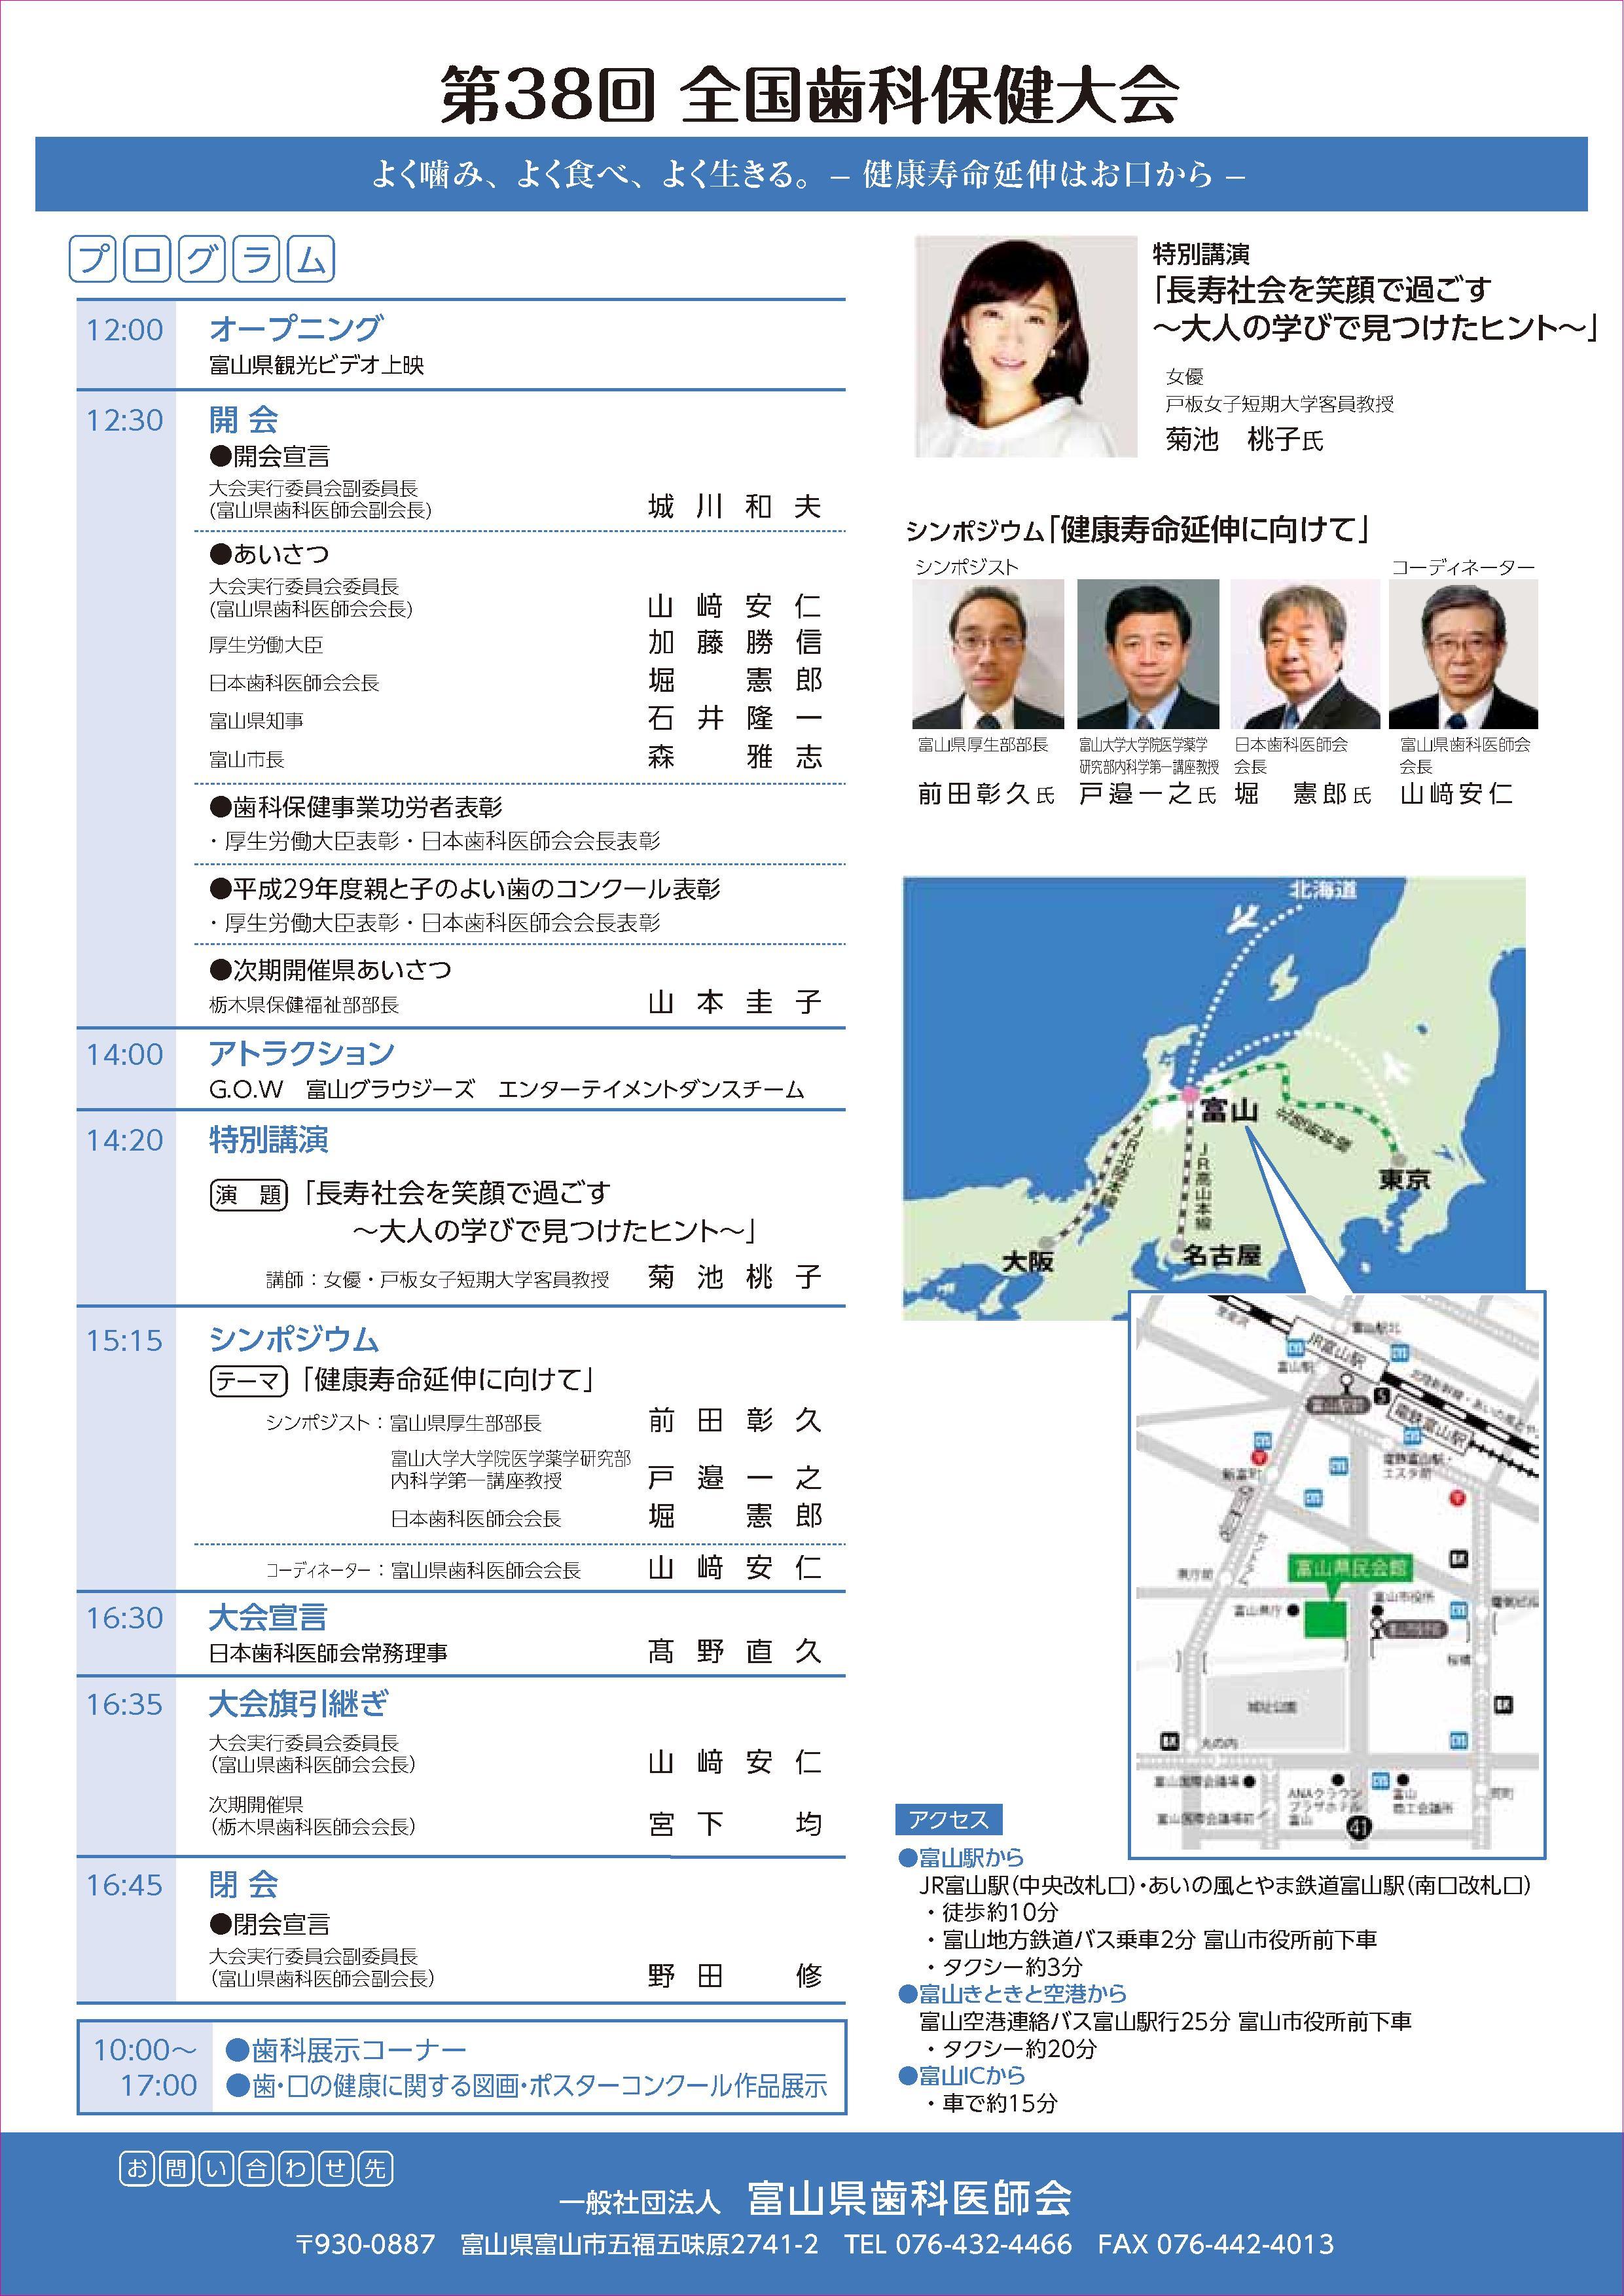 http://www.tda8020.com/news/38th_toyama3_2.jpg